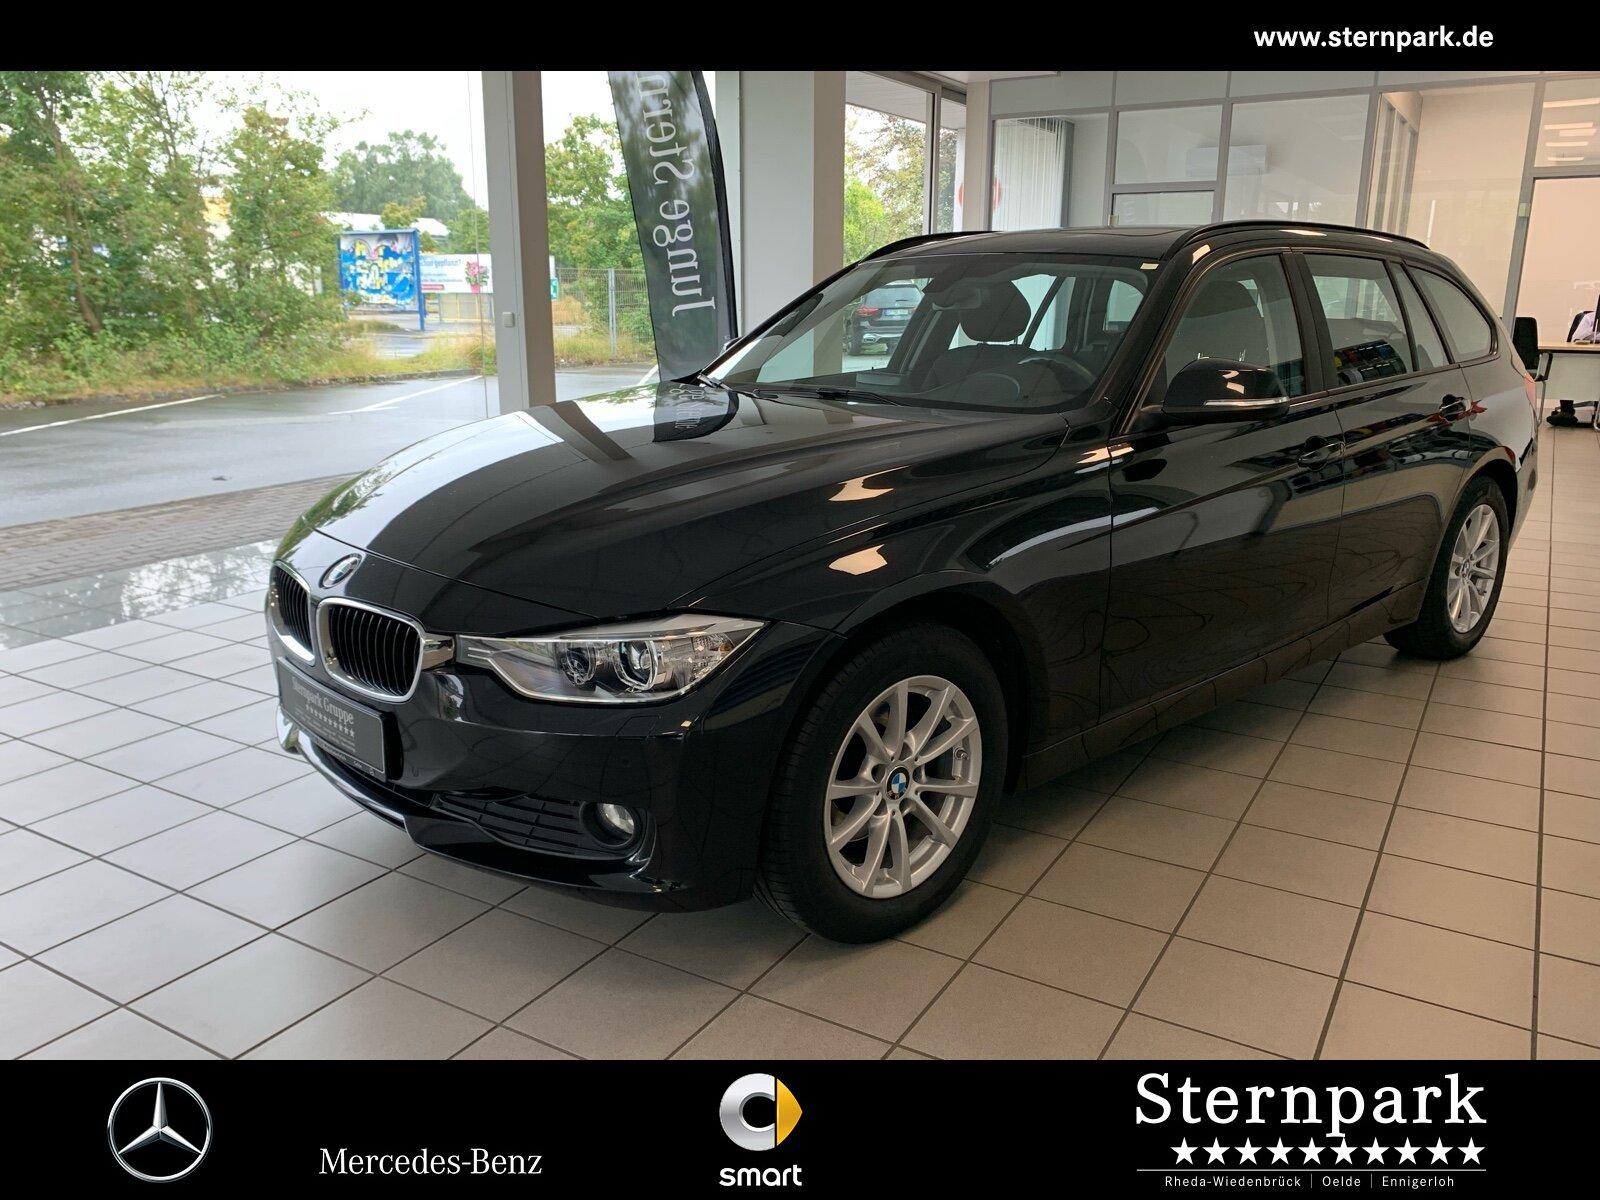 BMW 318d Touring Panorama+AHK, schwenkbar+Navi+Xenon, Jahr 2014, Diesel